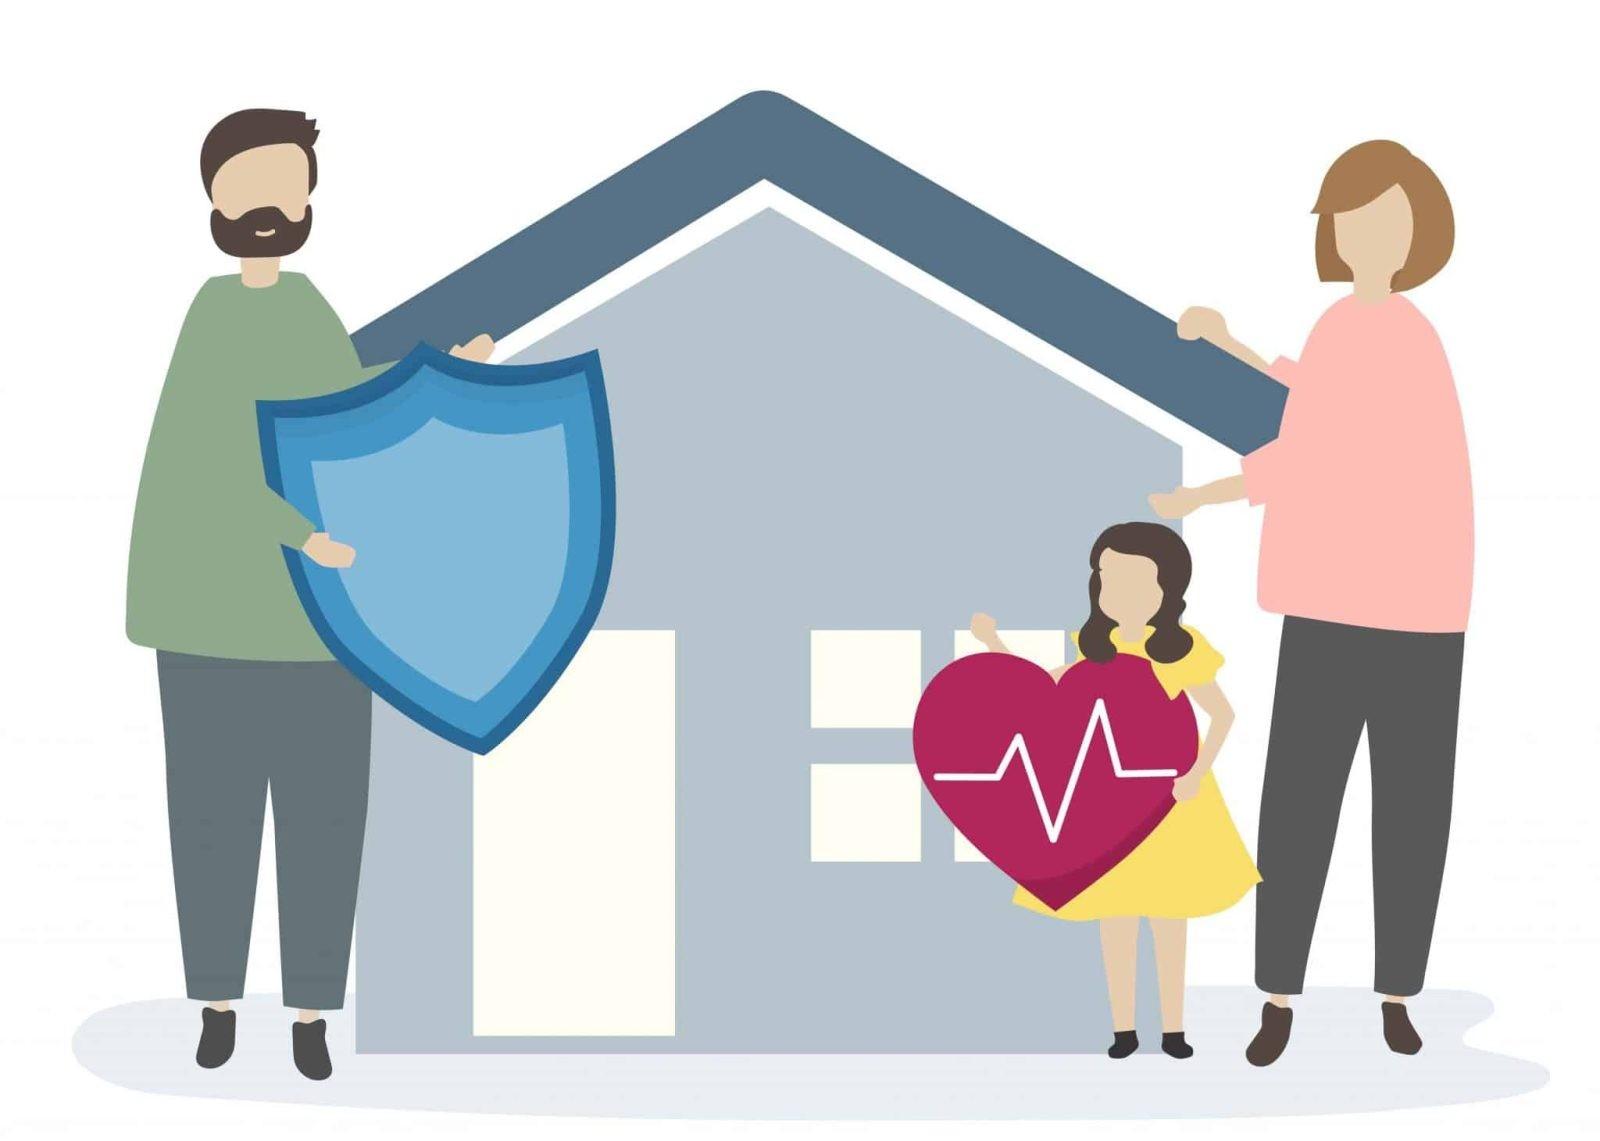 ביטוח חיים וביטוח משכנתא האם יש קשר ביניהם